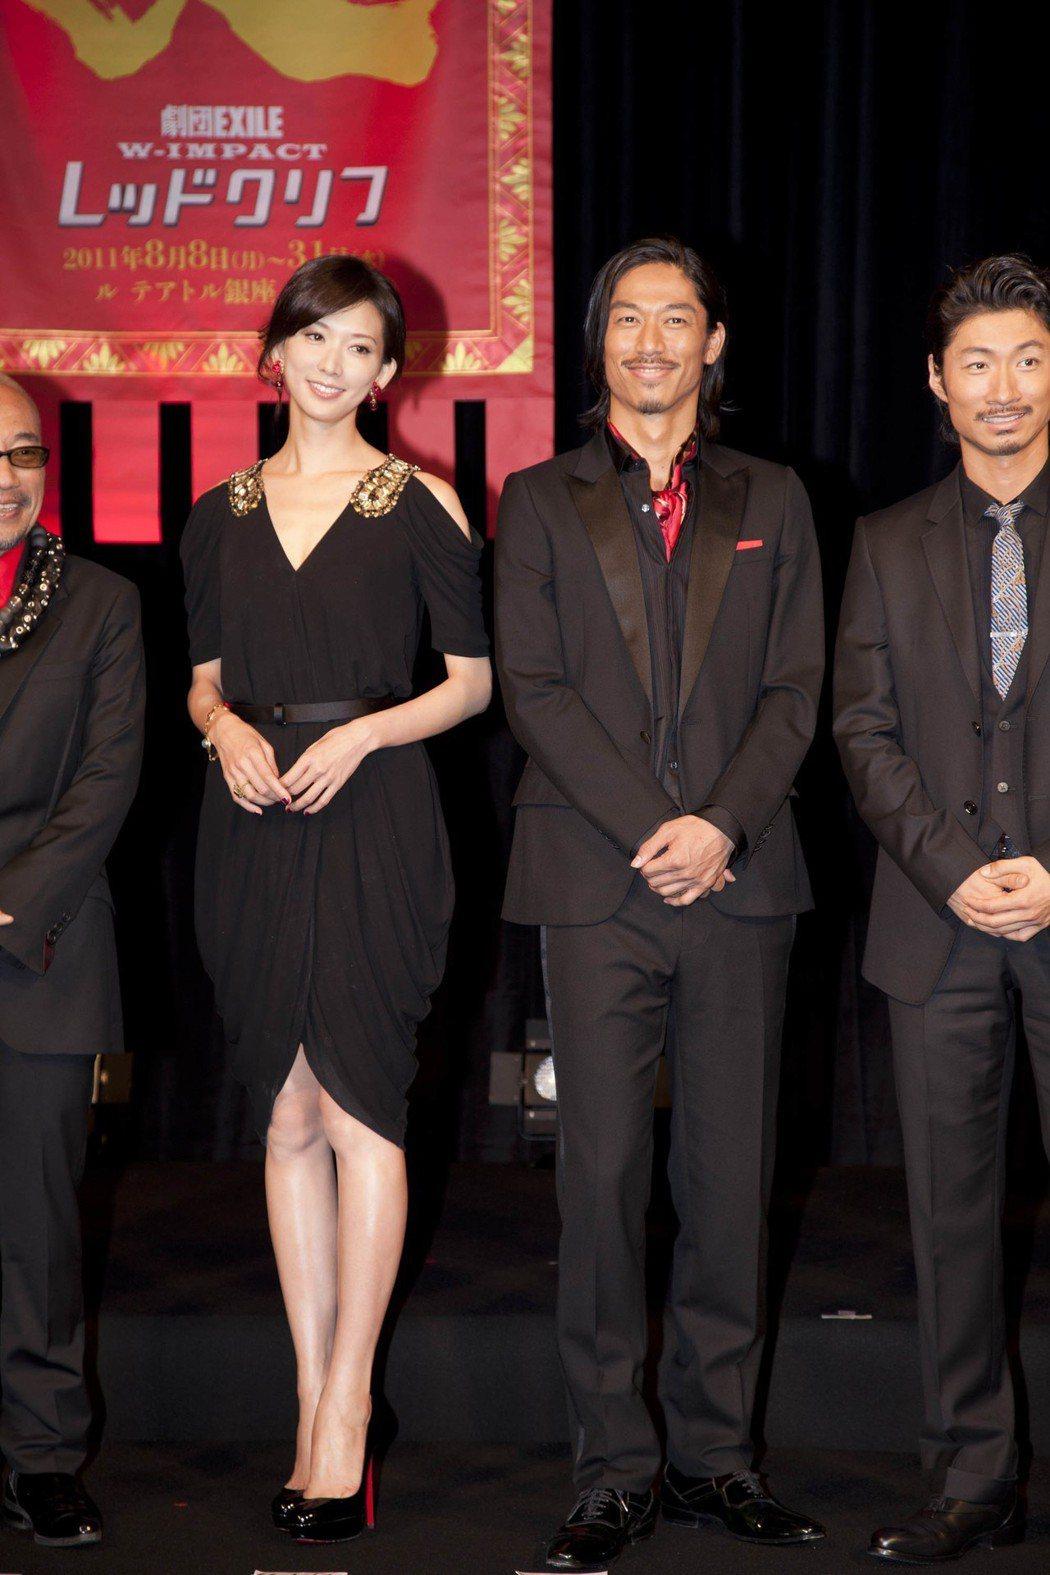 林志玲(左)與放浪兄弟AKIRA。圖/凱渥提供